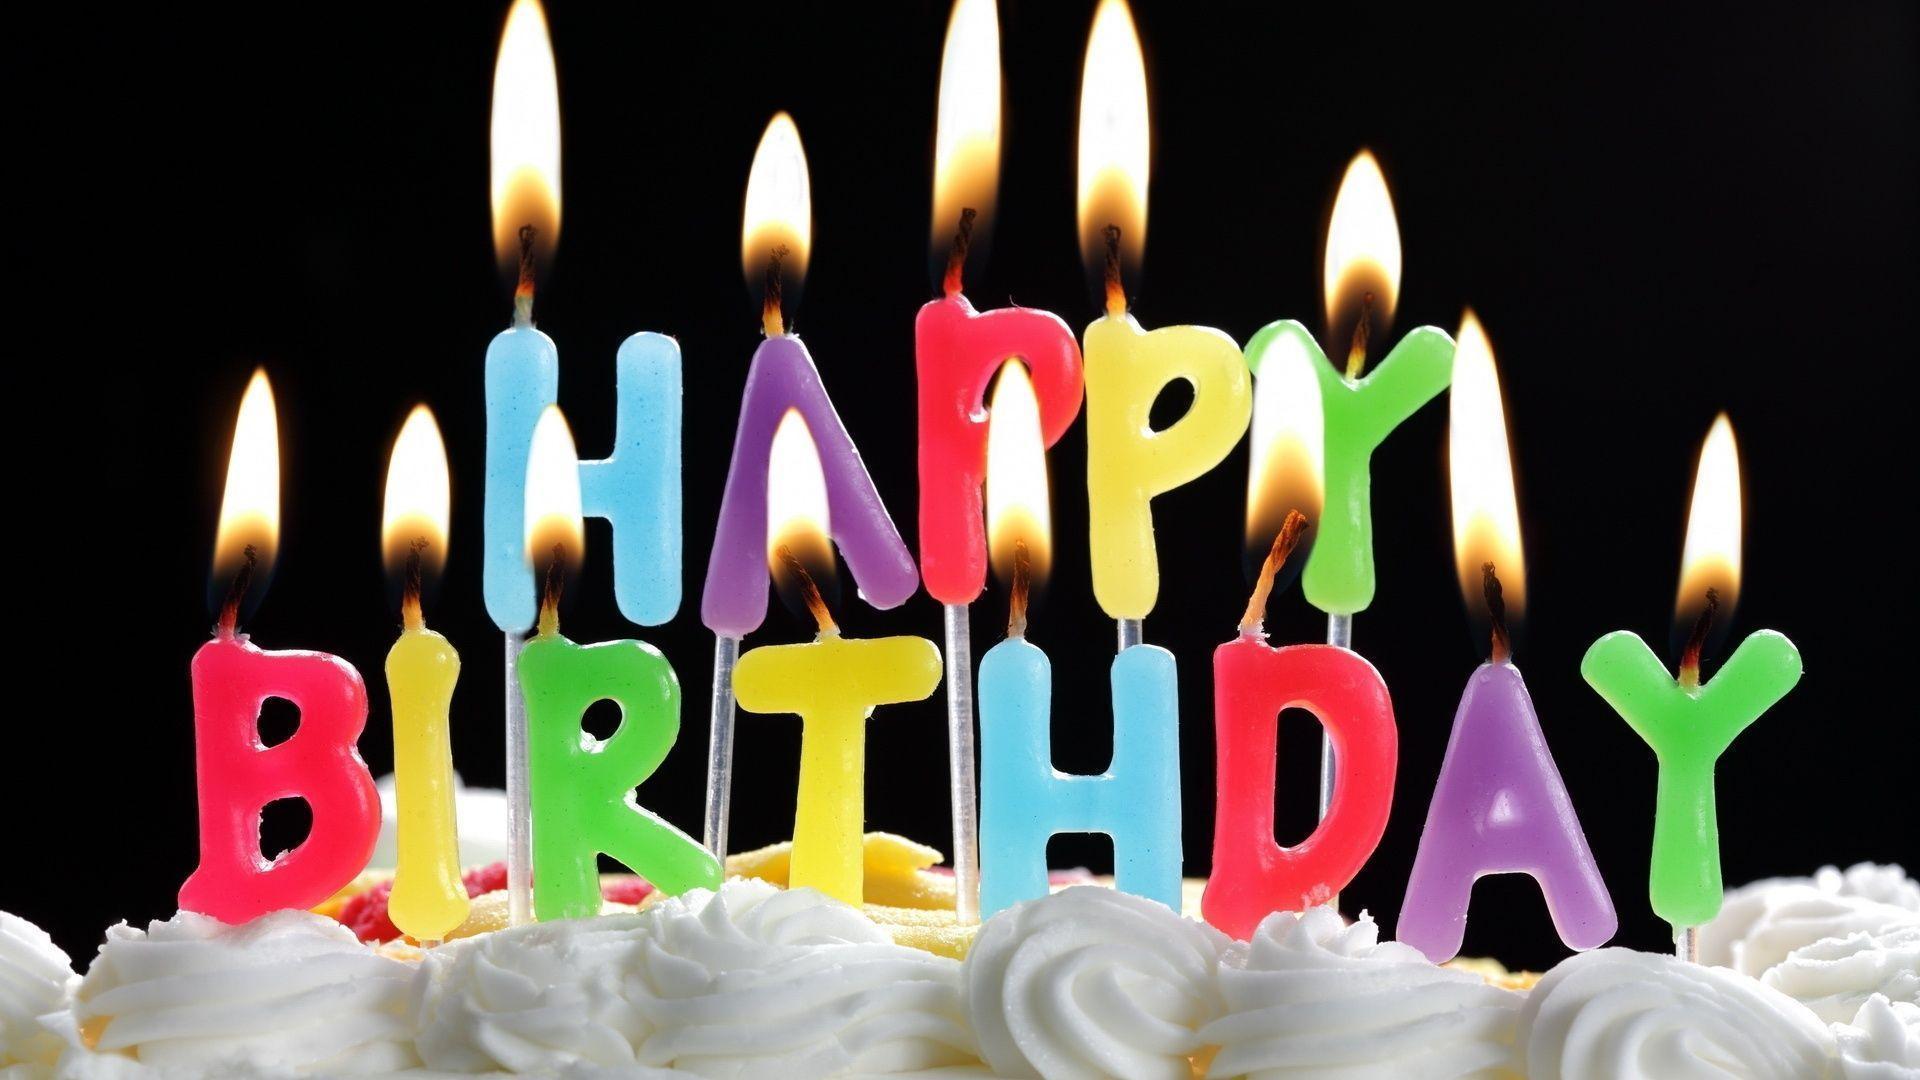 Happy Birthday Desktop Wallpapers Top Free Happy Birthday Desktop Backgrounds Wallpaperaccess